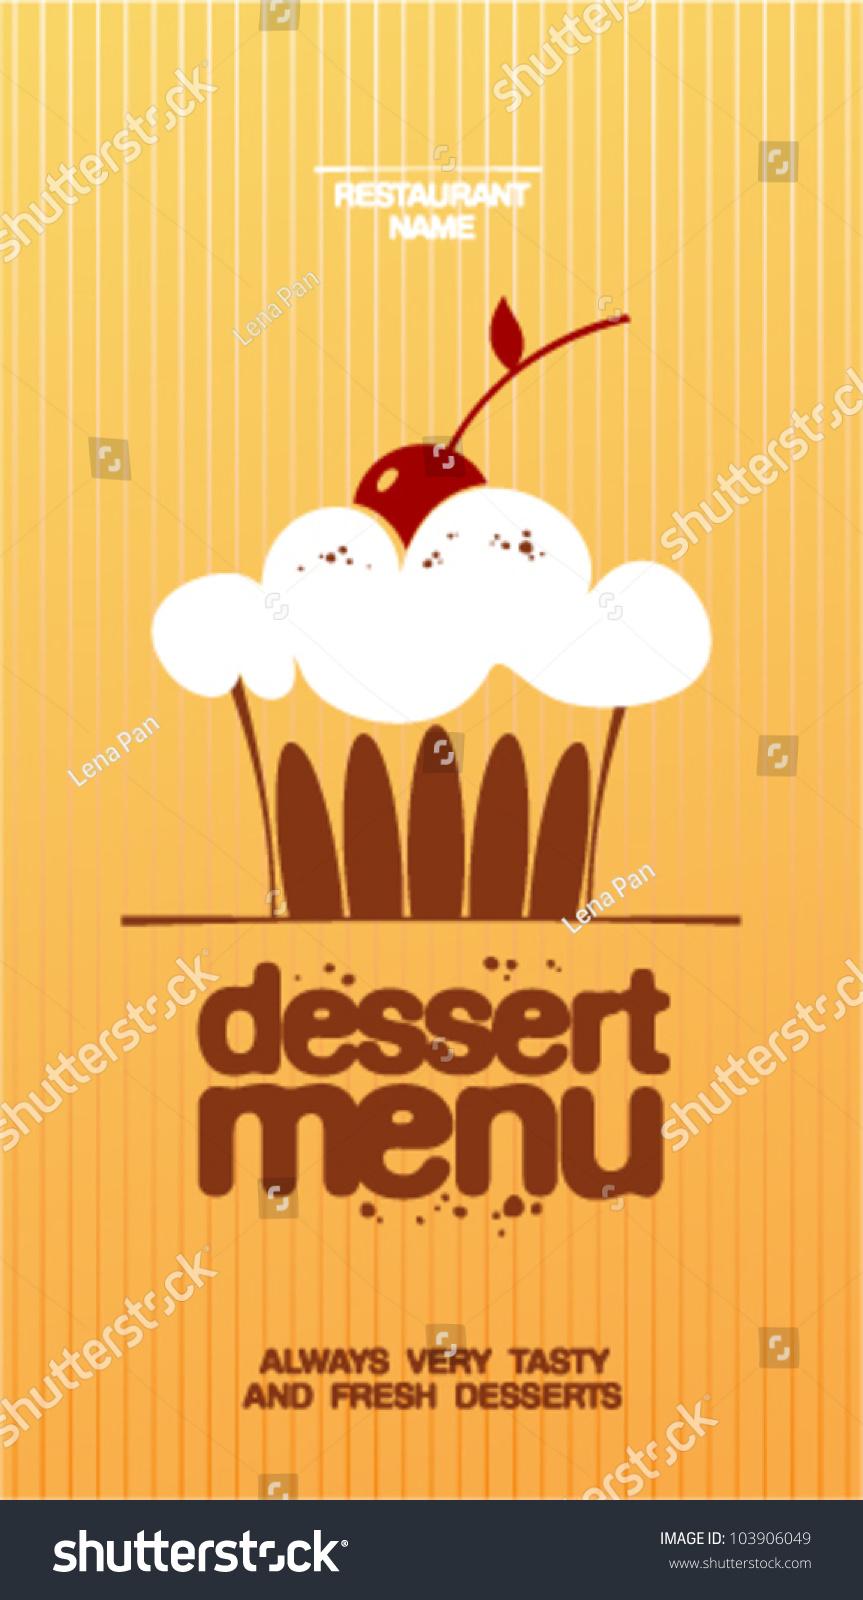 Dessert Menu Card Design Template Stock Vector 103906049 Shutterstock